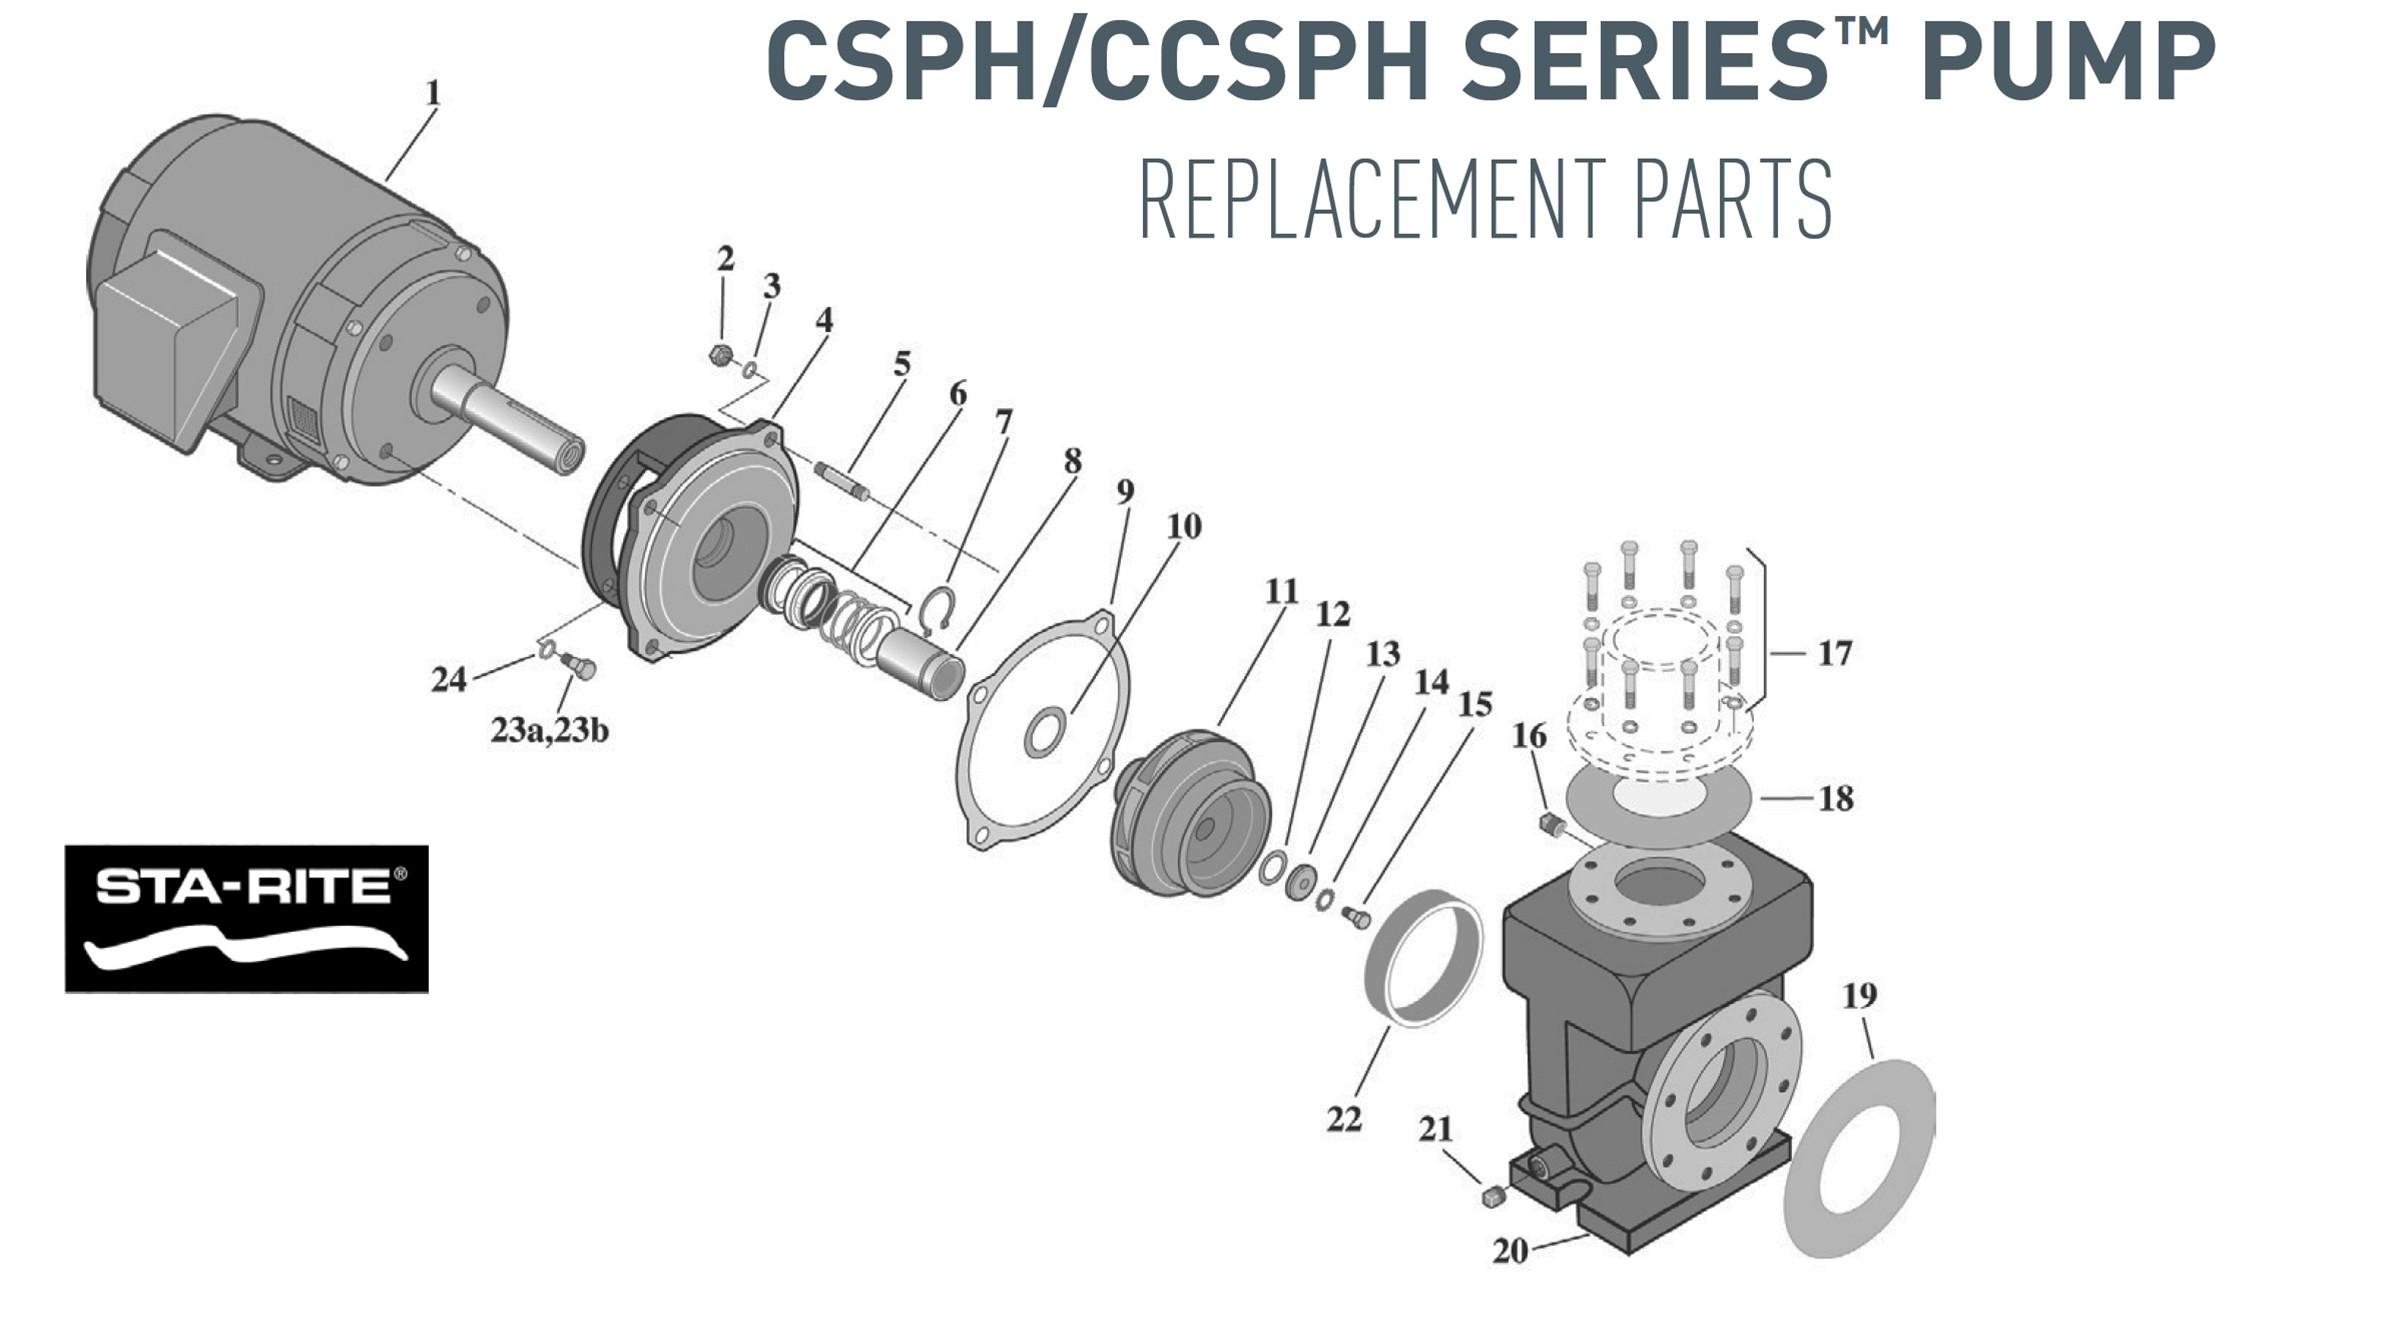 Hayward Pump Parts Diagram Sta Rite Csph Ccsph Series™ Pool Pump Parts Of Hayward Pump Parts Diagram